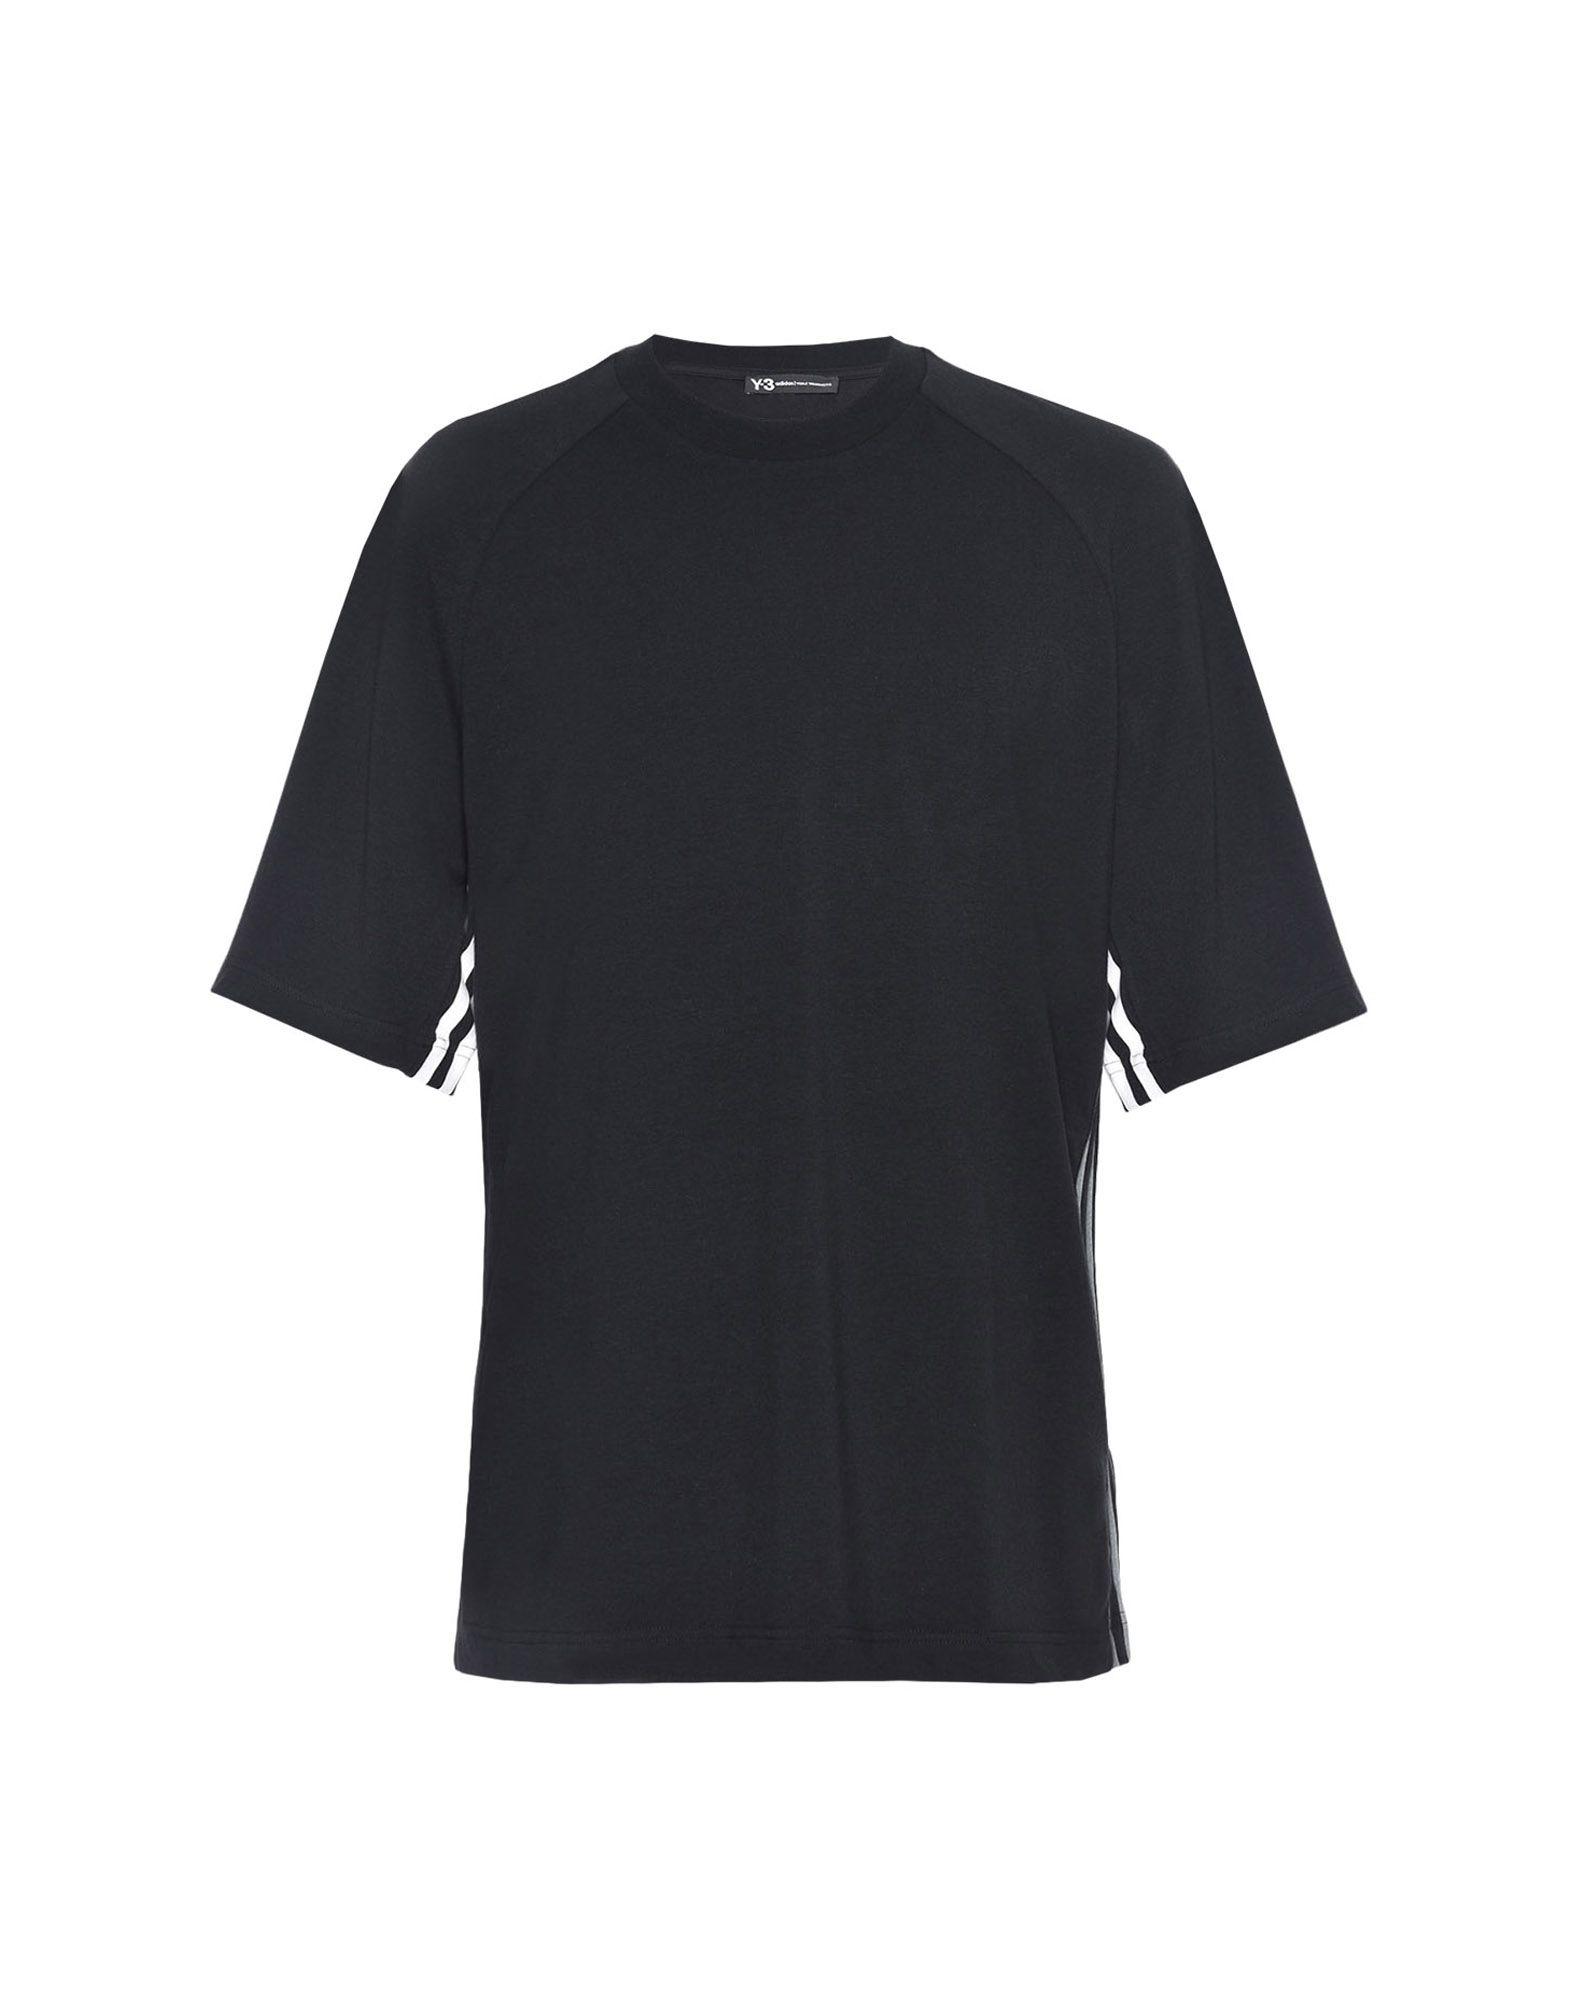 Y-3 Y-3 3-Stripes Tee Short sleeve t-shirt Man f